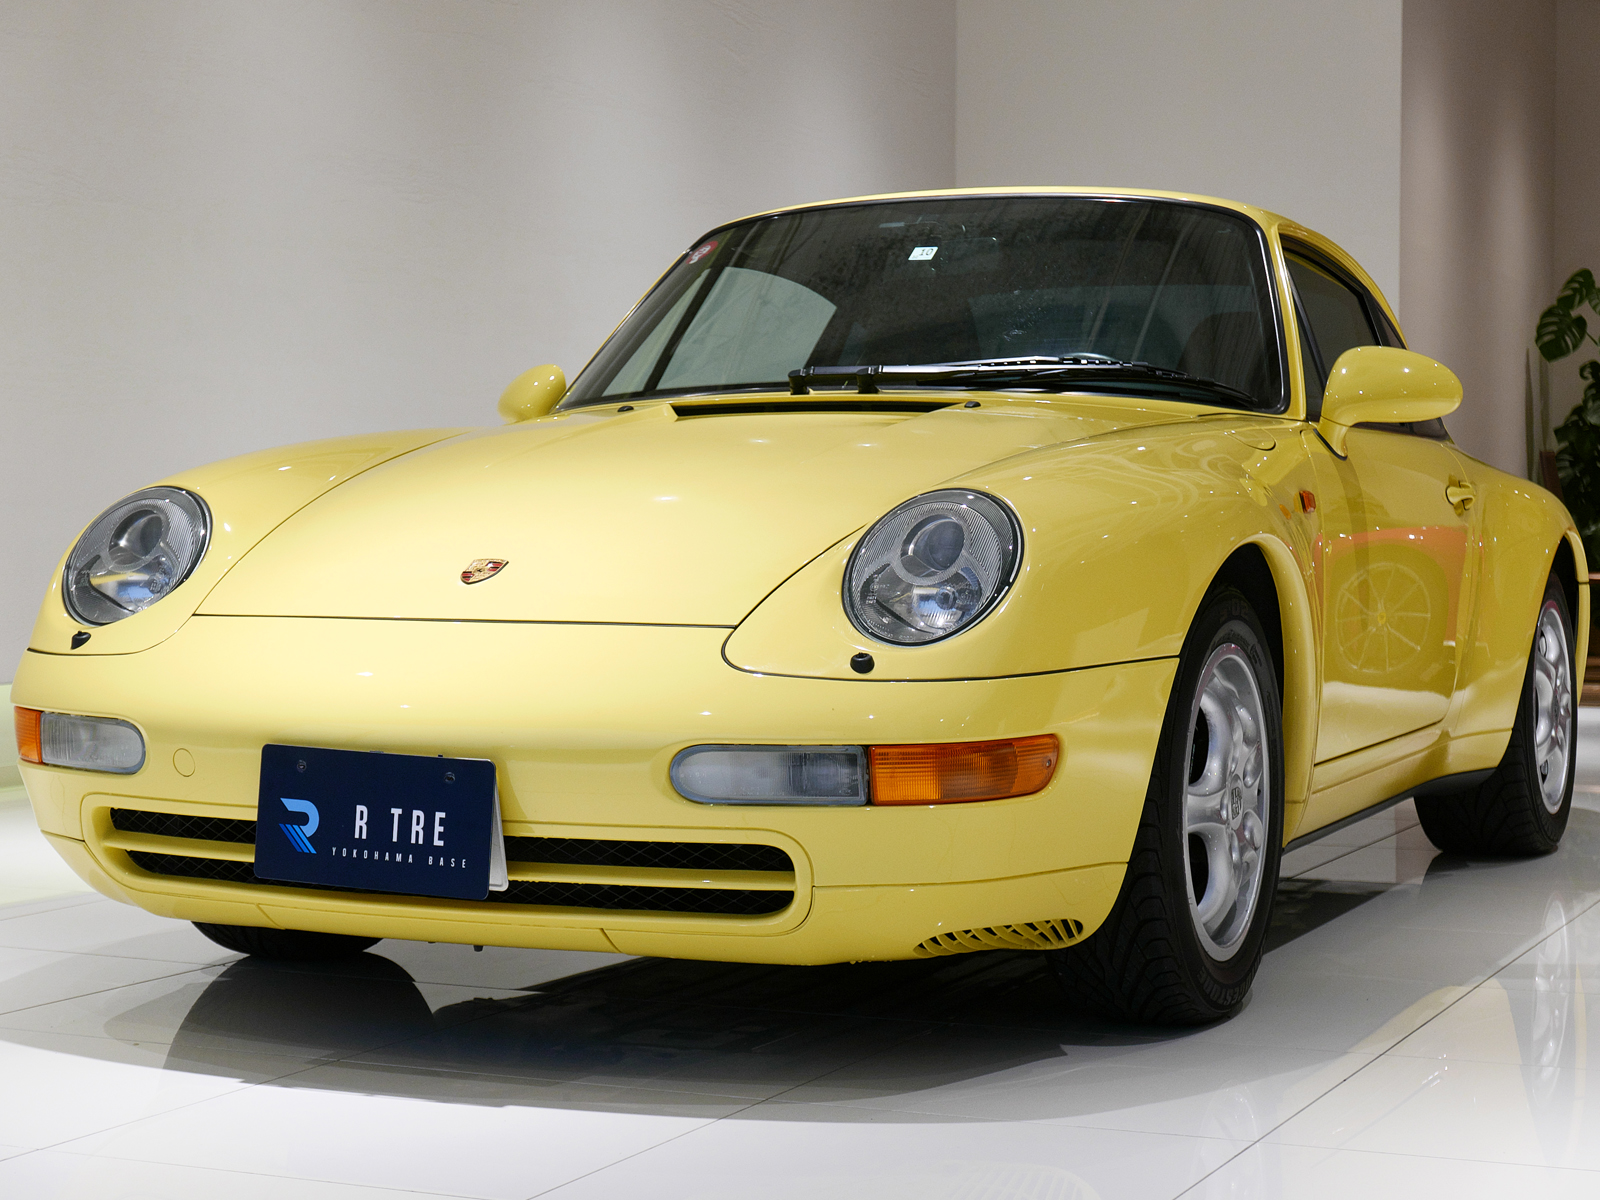 ポルシェ 911 タイプ993 カレラ タイプ Ⅰ 左フロント